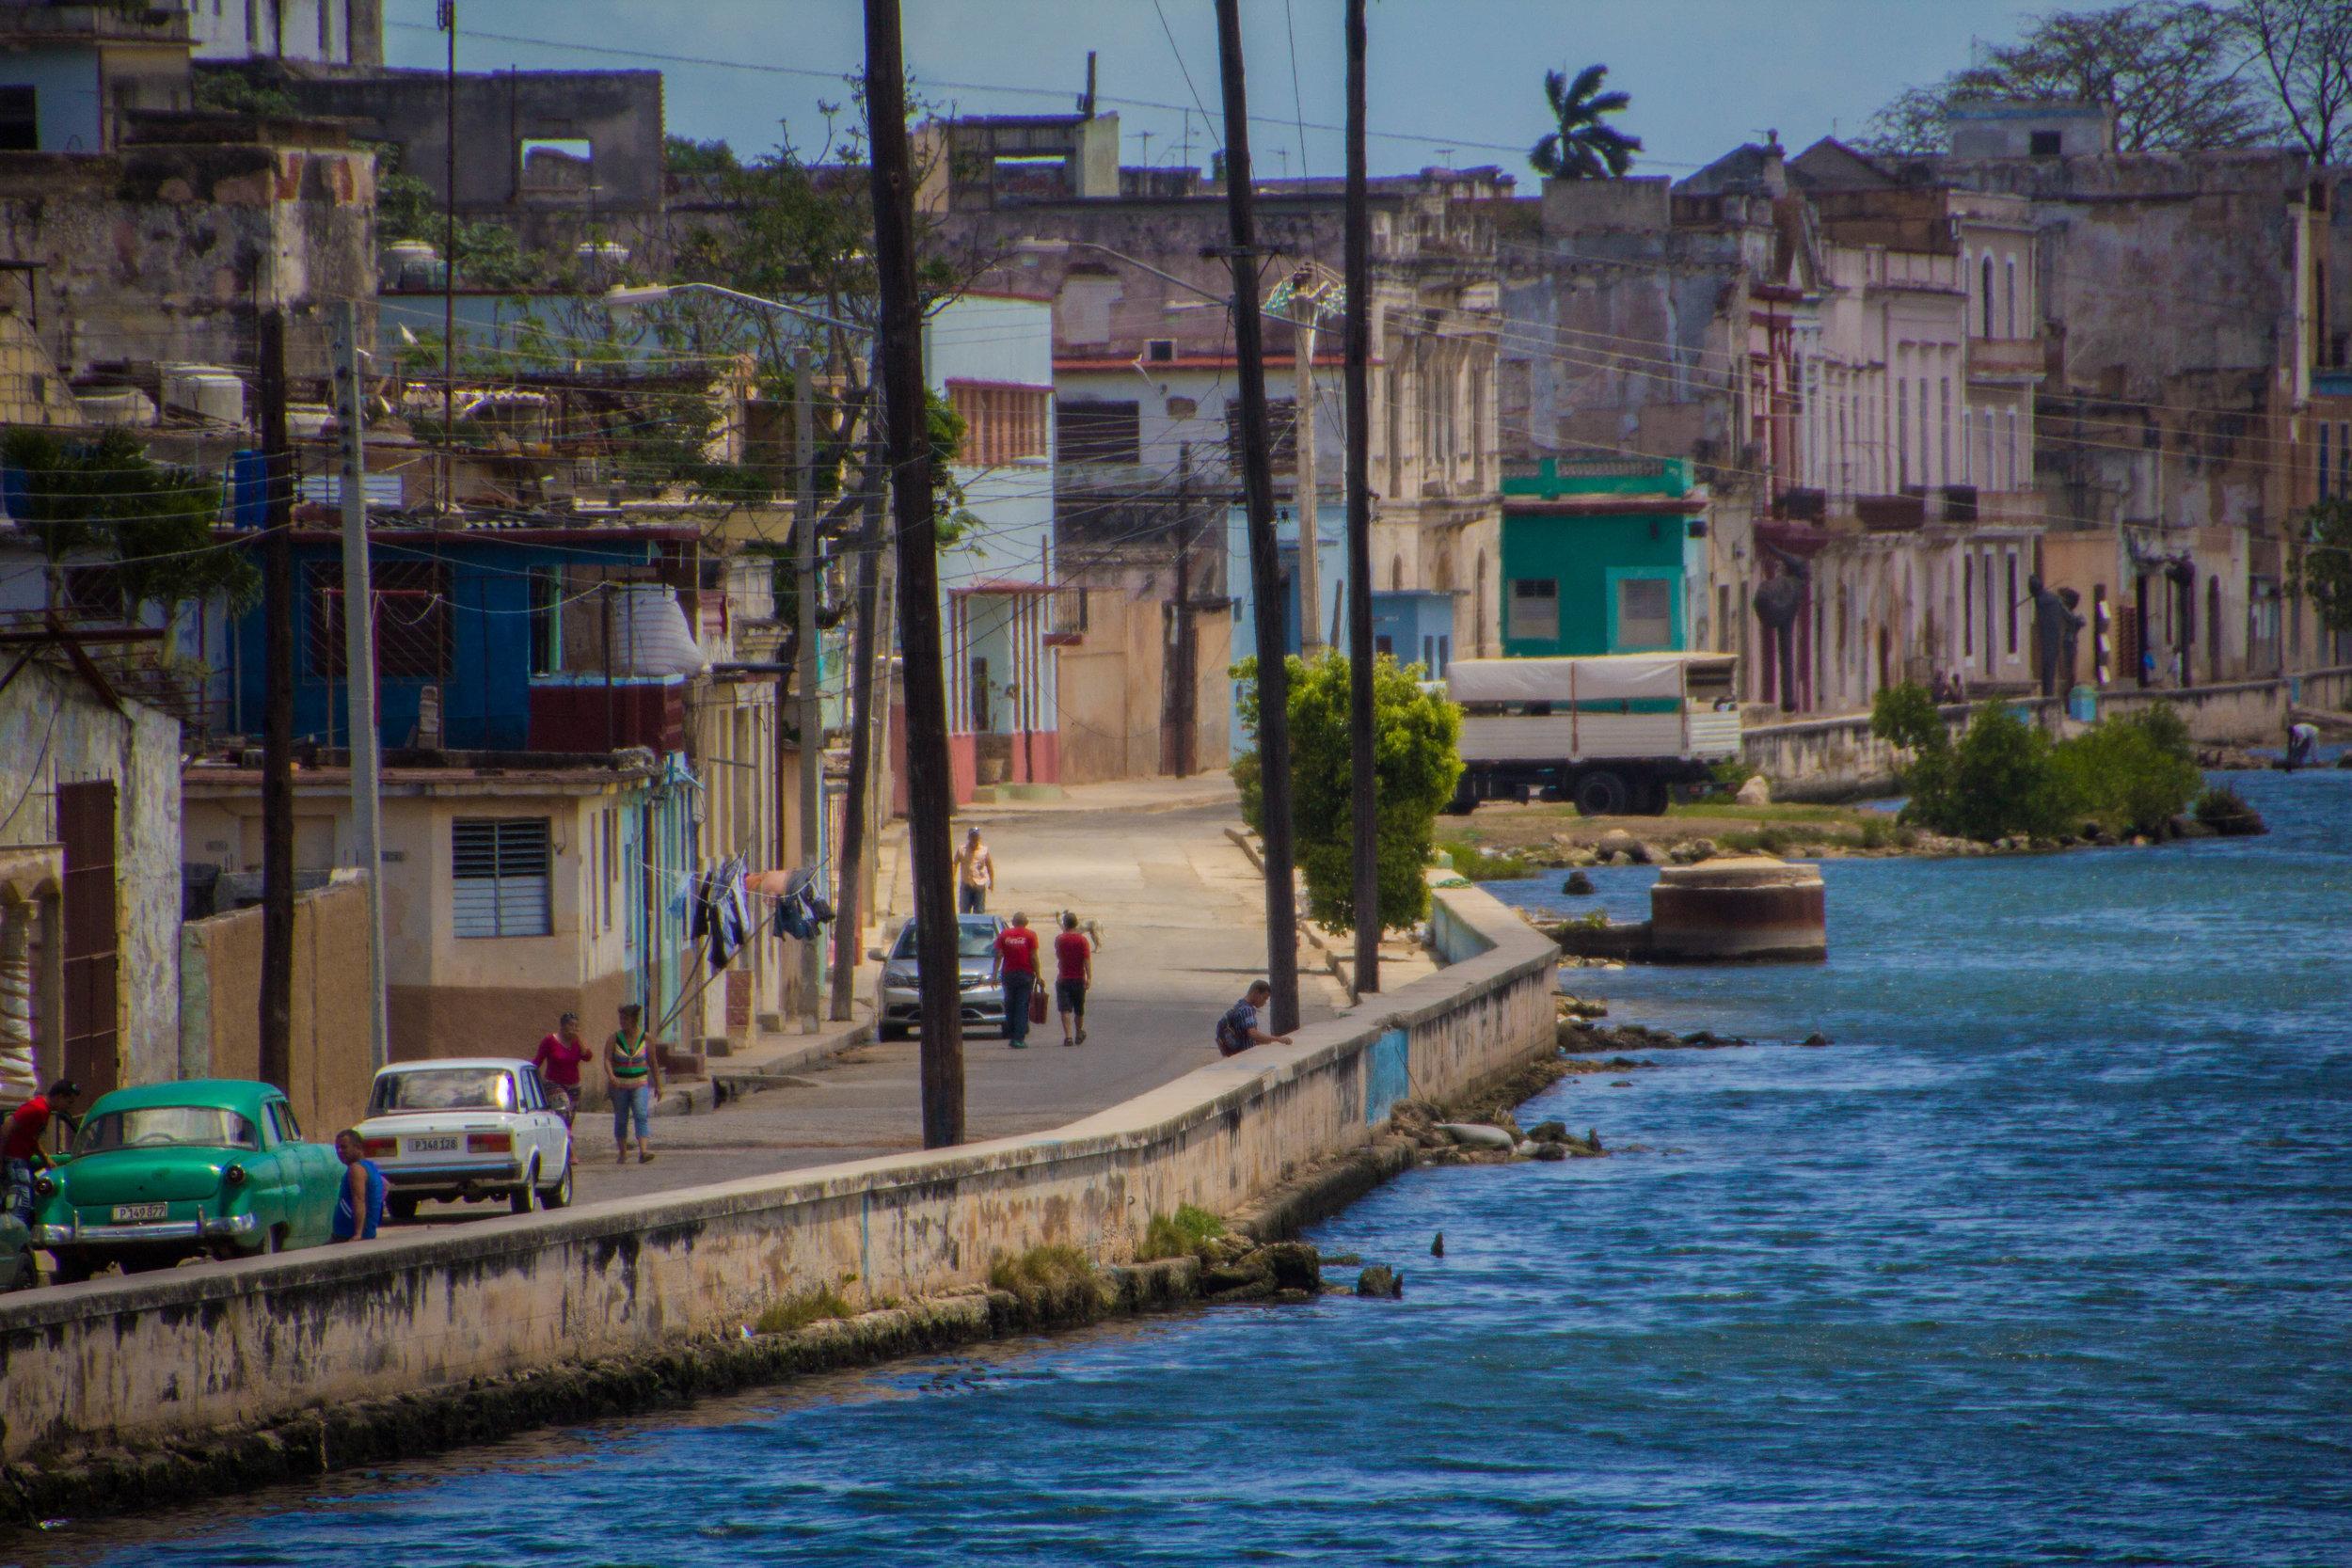 matanzas cuba river-1-2-2.jpg